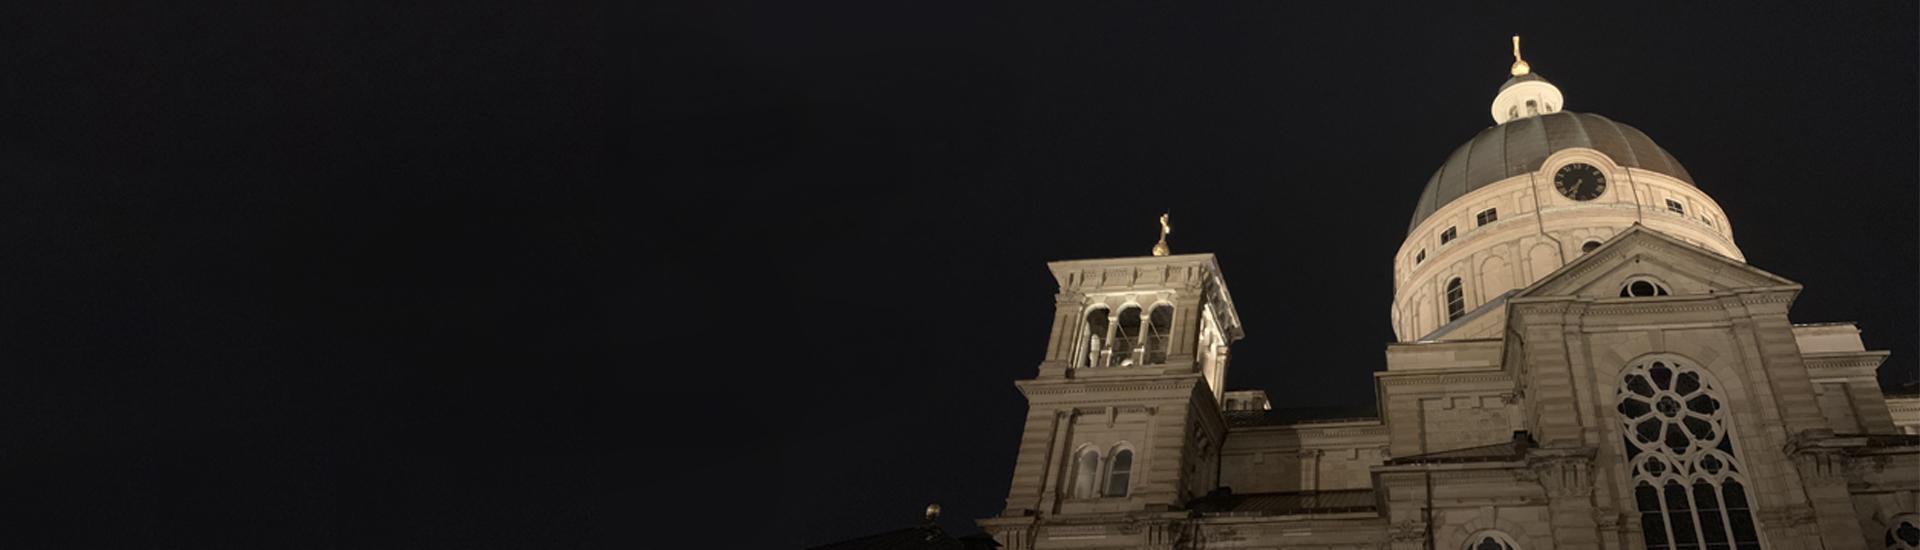 Phoenix Lighting Illuminates Basilica of St. Josaphat - EcoMod 2